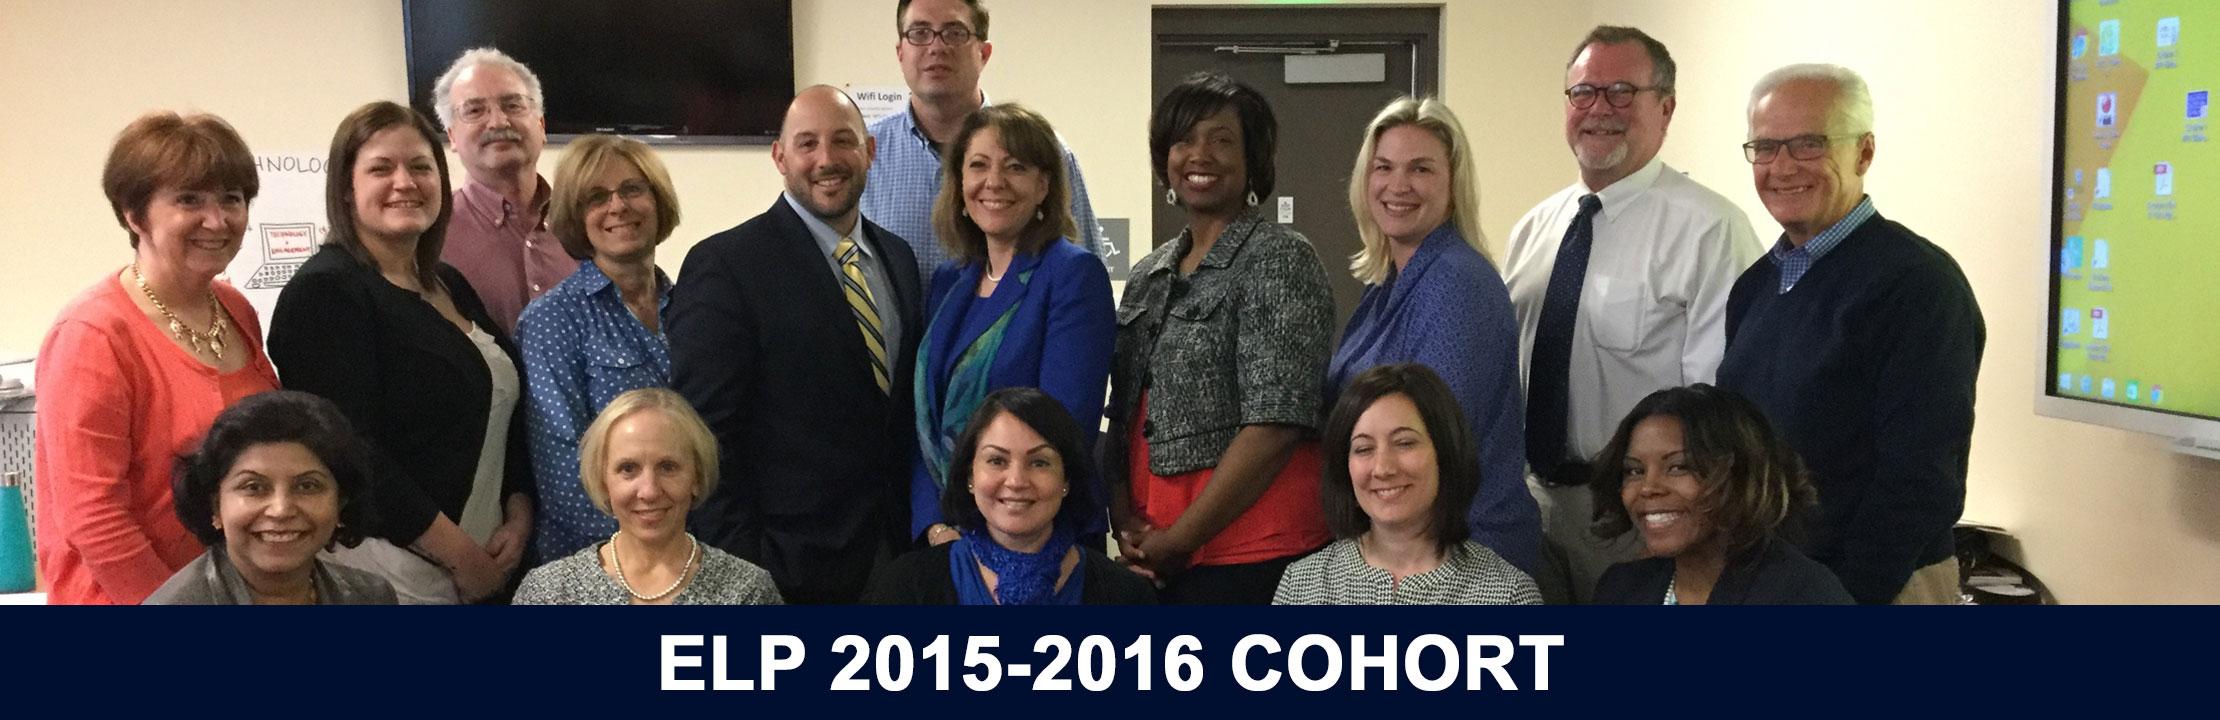 2015-2016 ELP Cohort